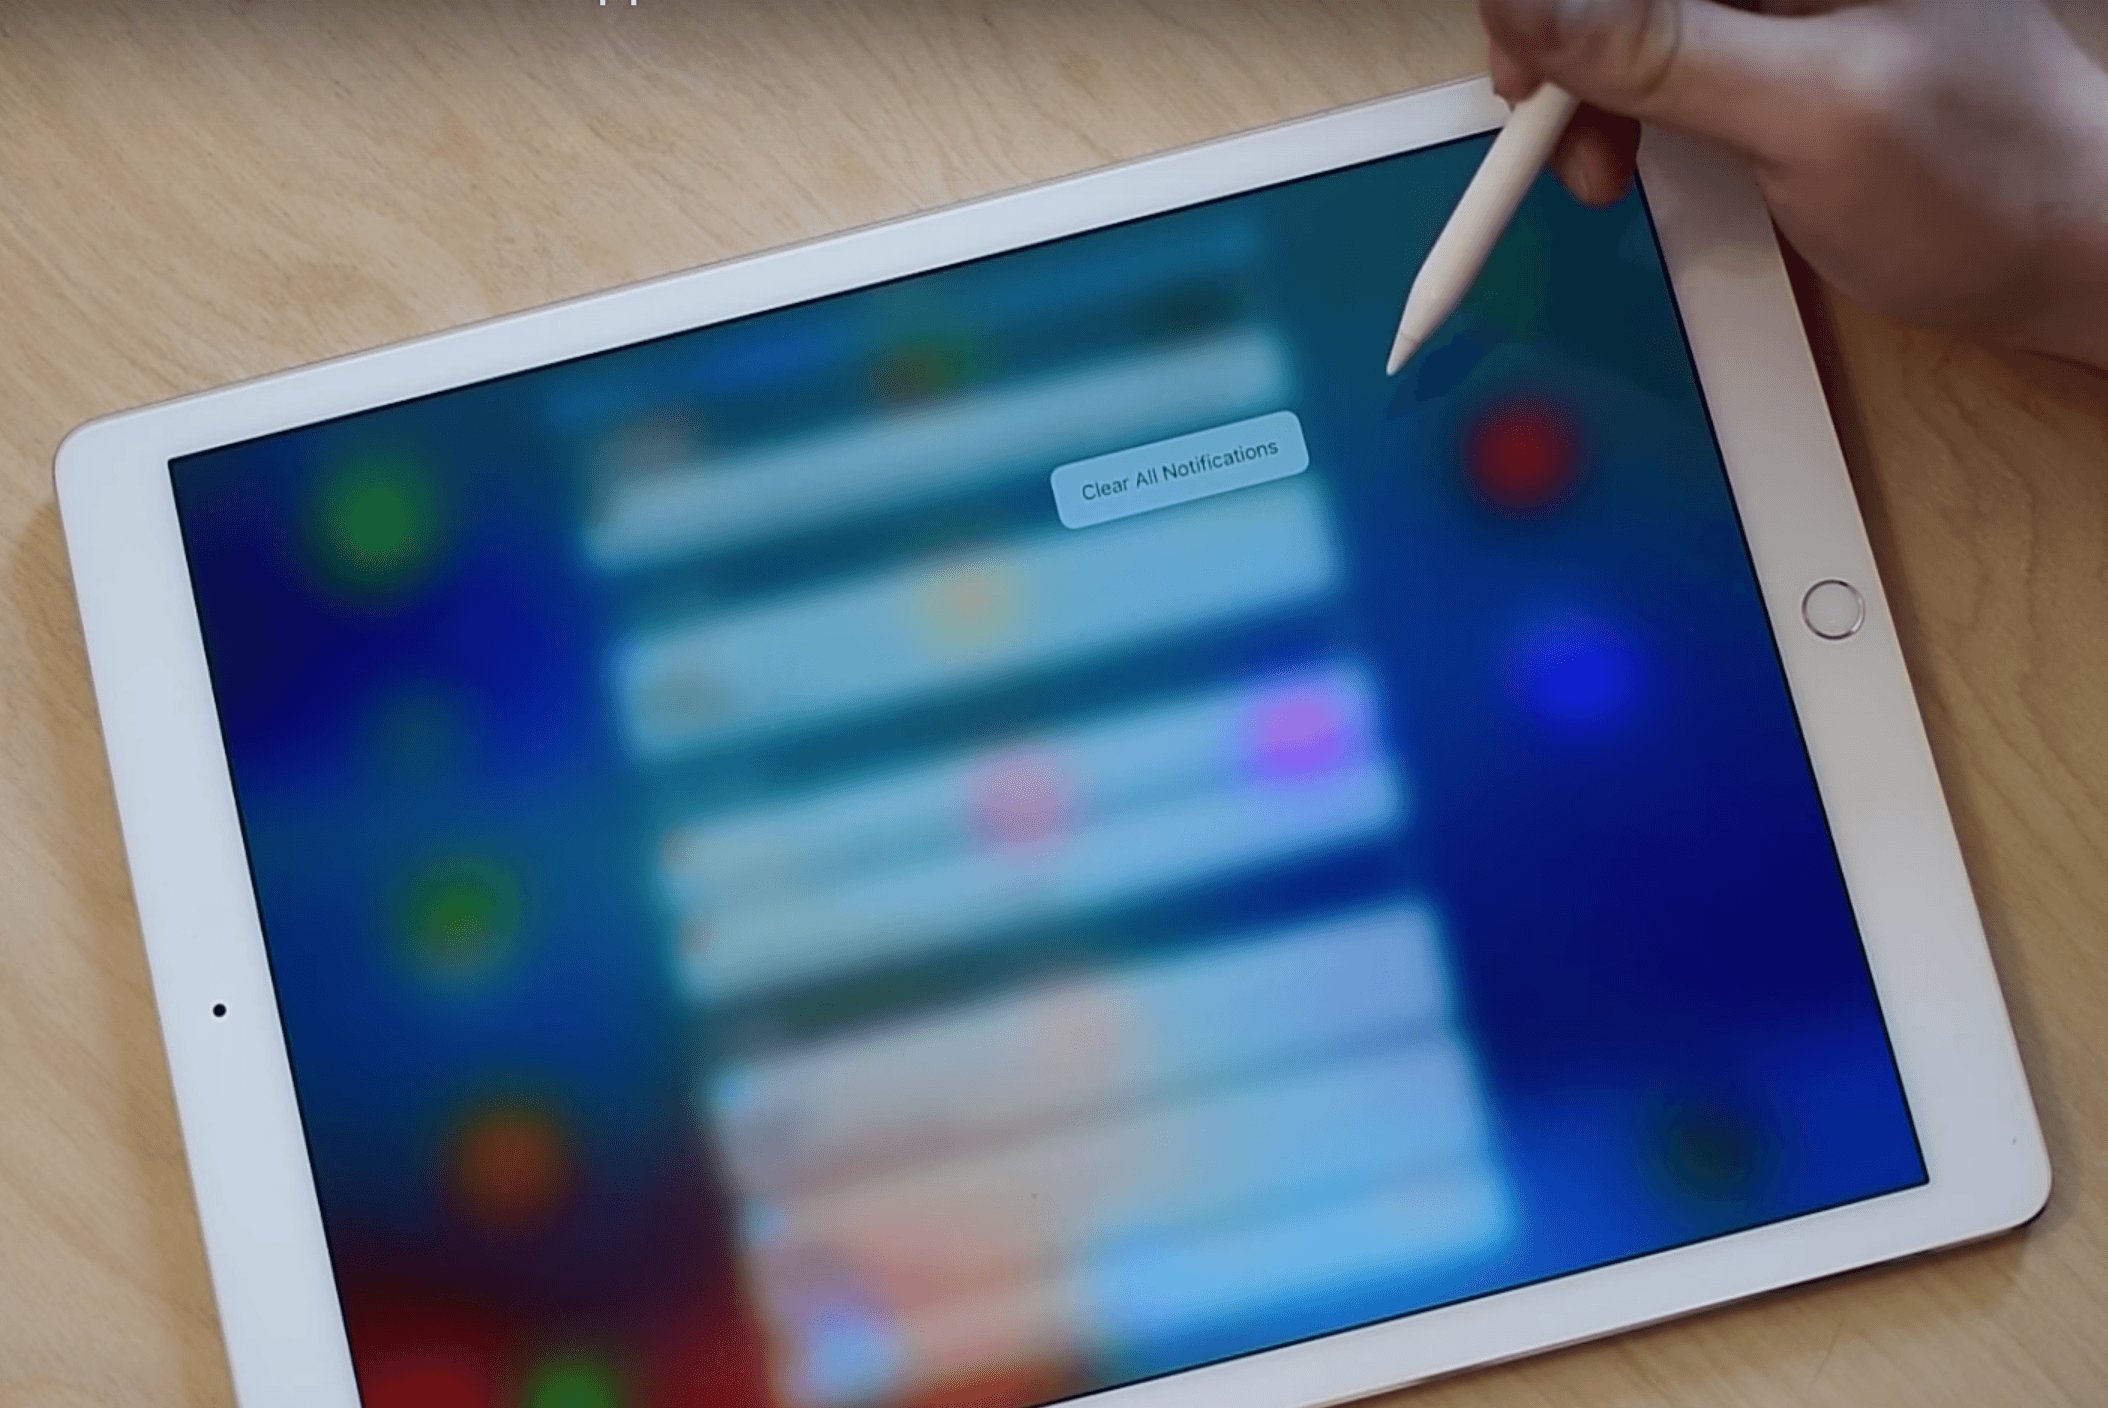 3D Touch on iPad Pro